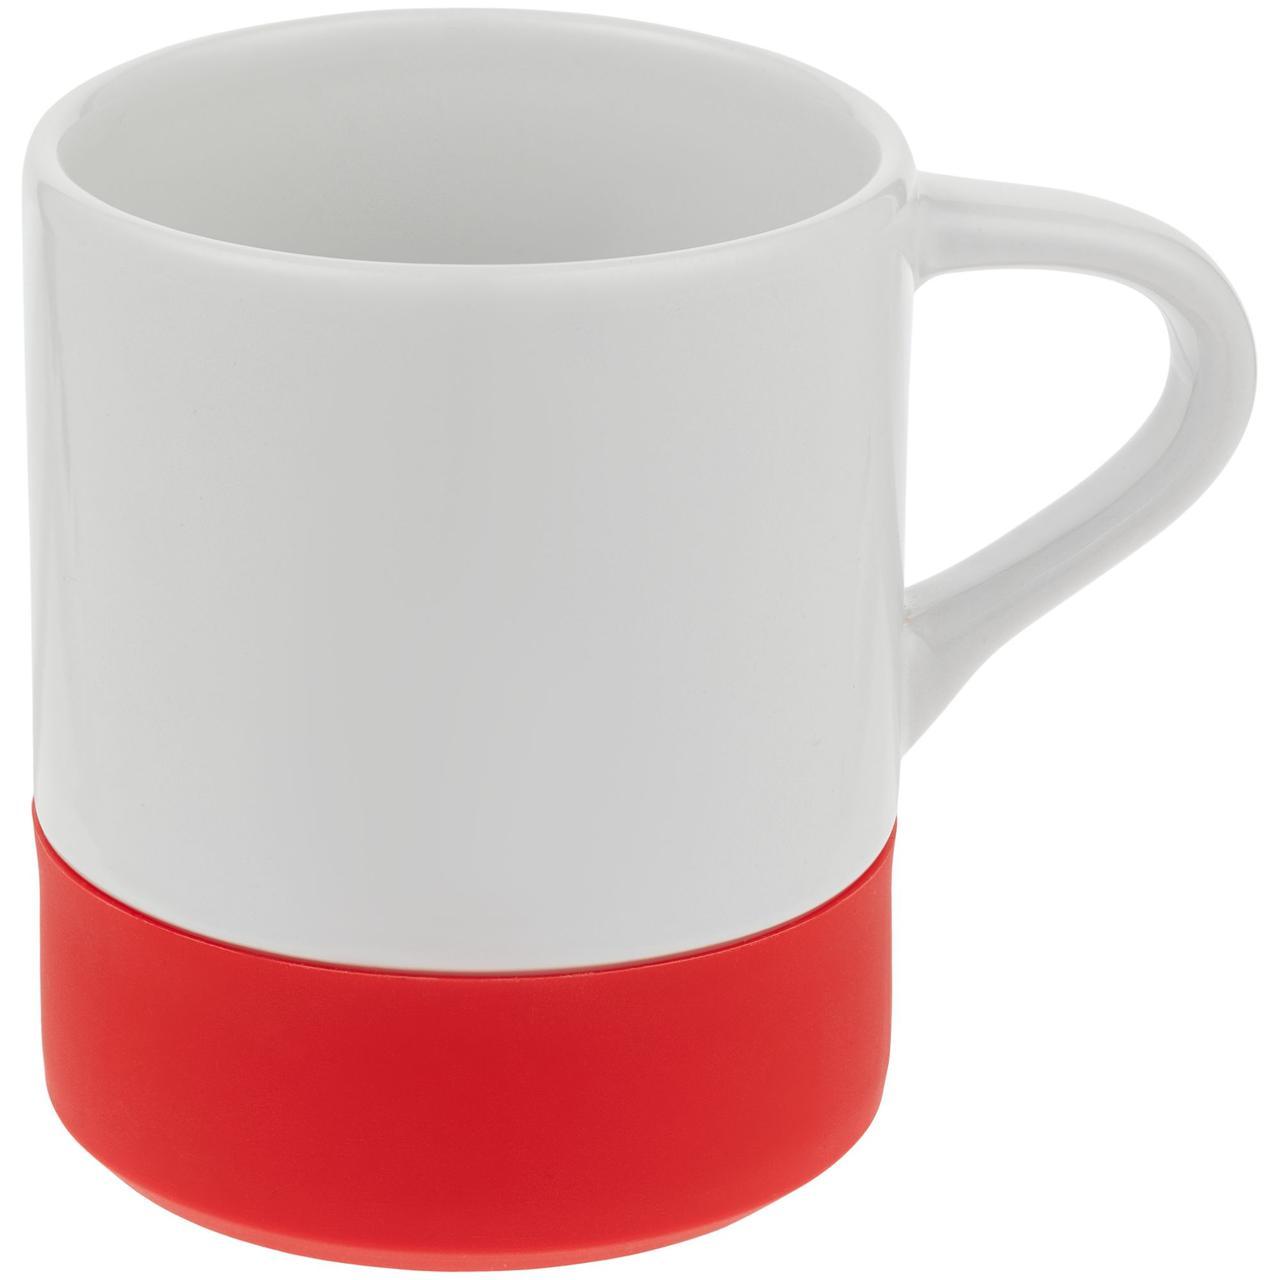 Кружка с силиконовой подставкой Protege, красная (артикул 12892.50)